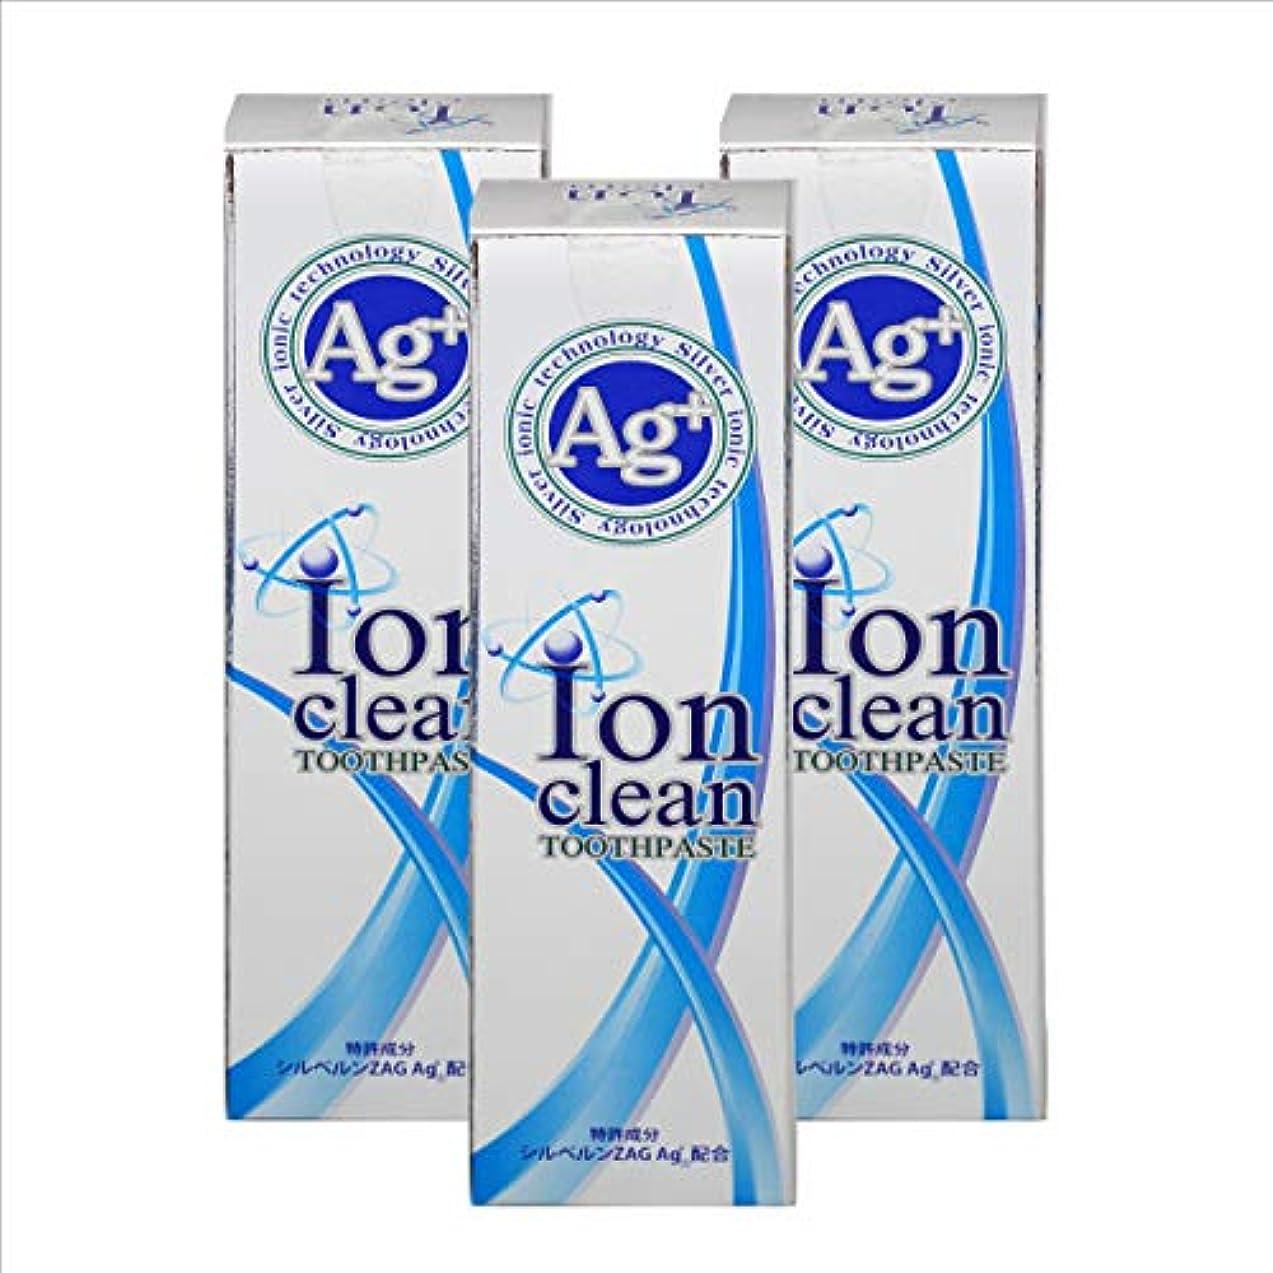 超高層ビル予算些細銀イオン配合歯磨き粉イオンクリーン 100g 3本セット(電動歯ブラシ特典つき) 口臭対策?歯周病ケアにおすすめ